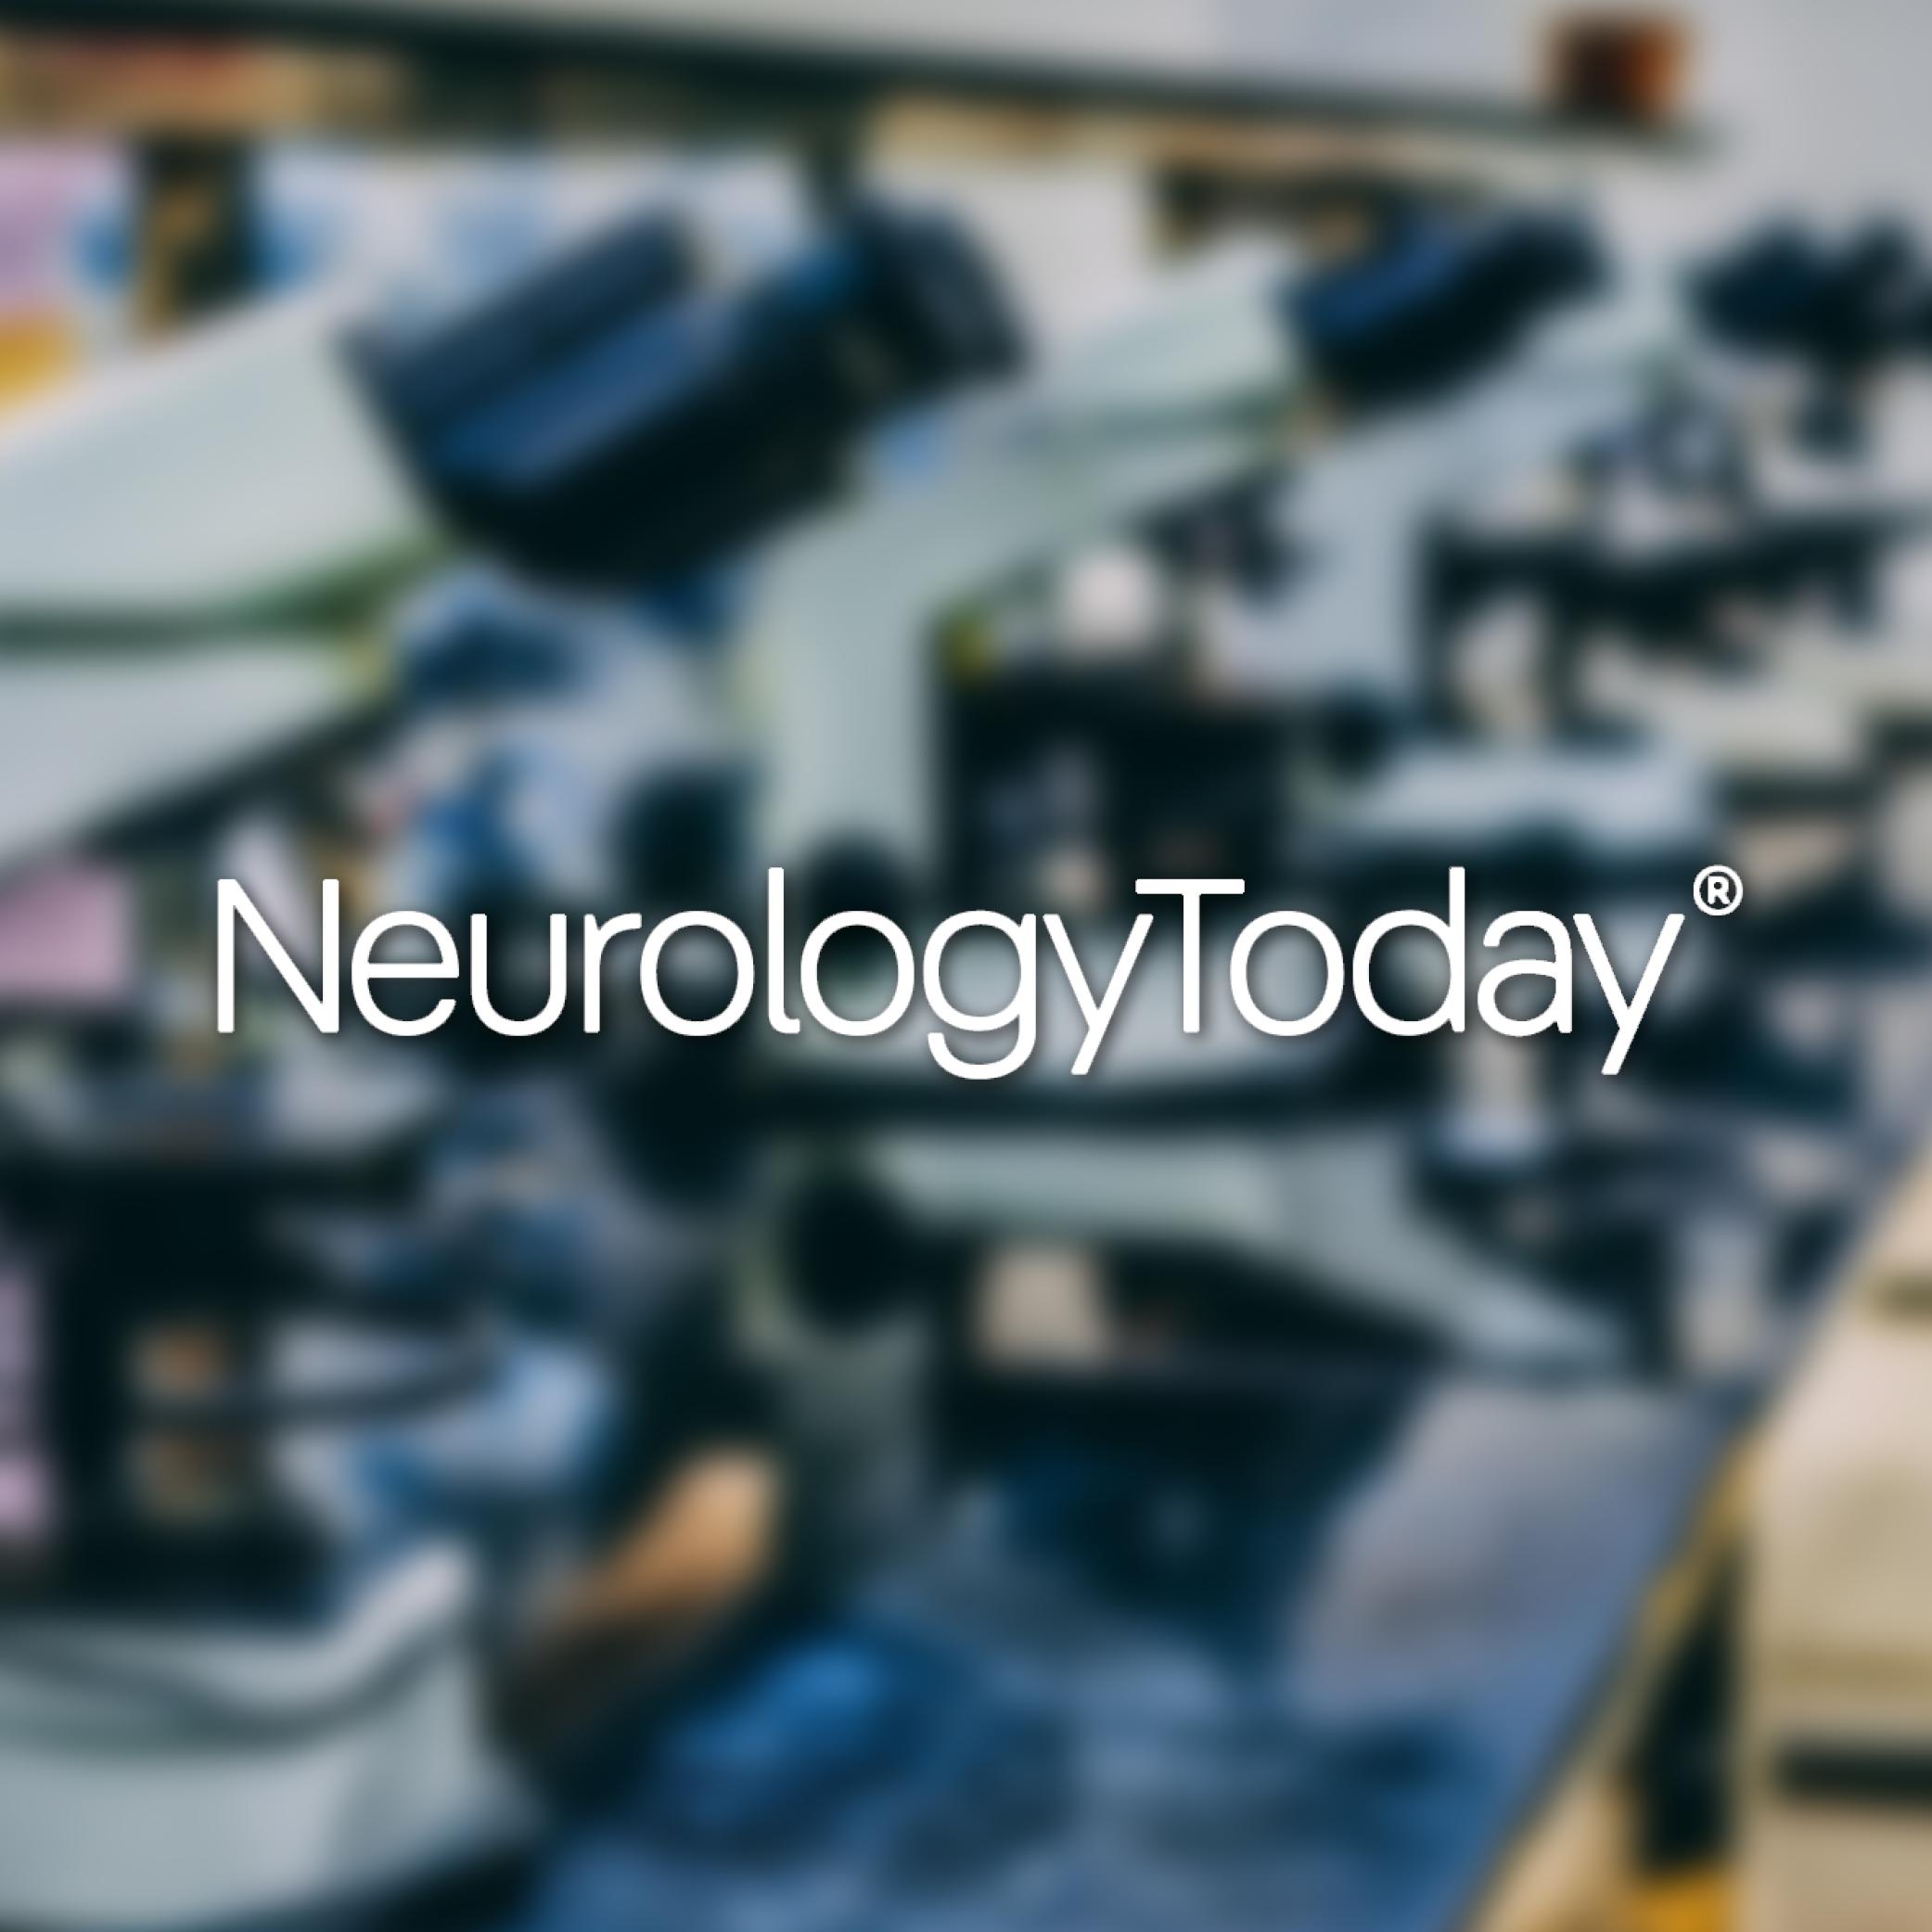 Neurology Today